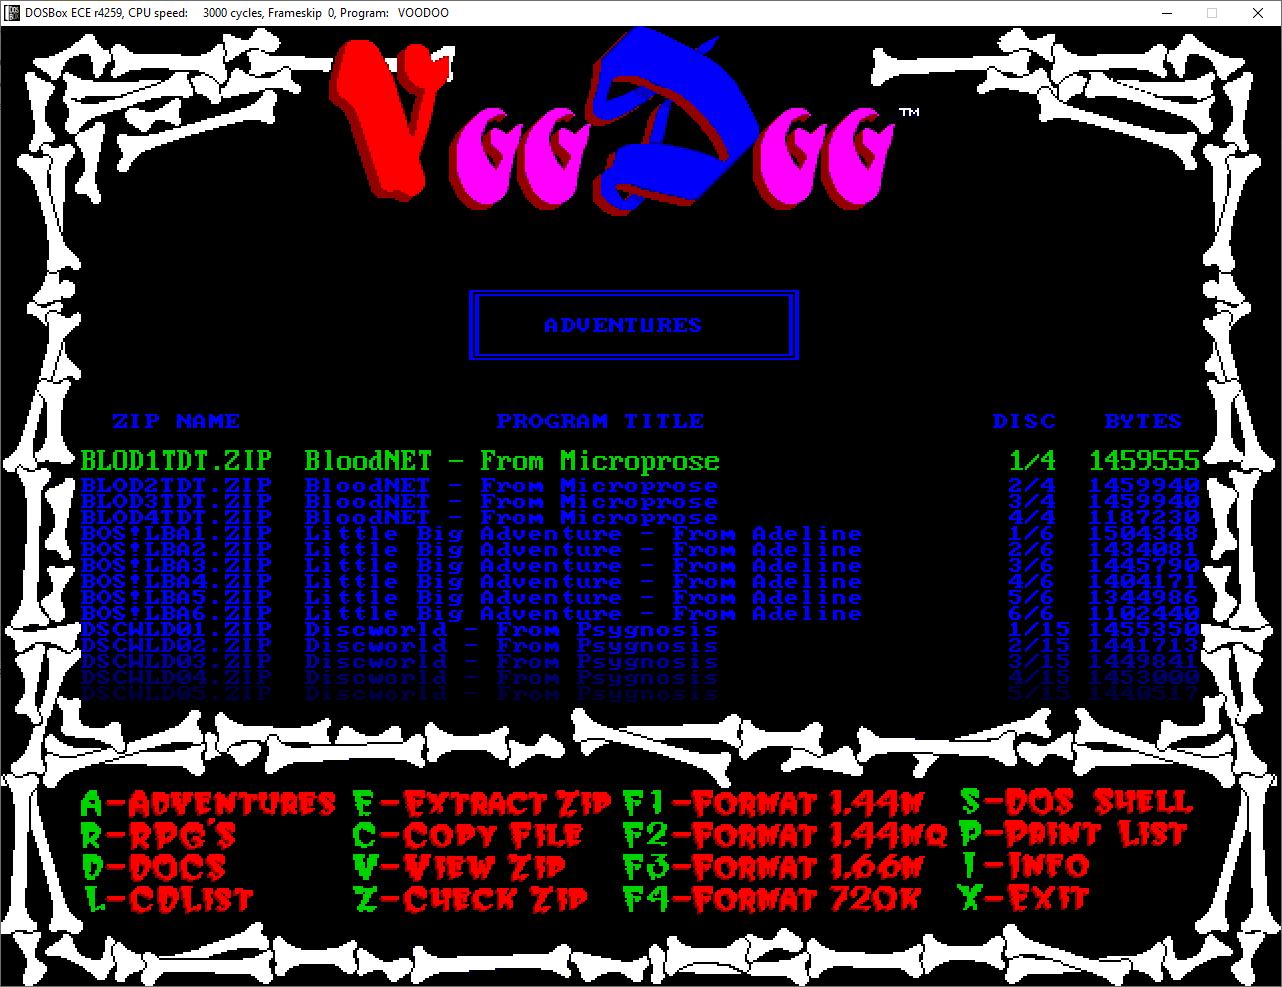 VooDoo RPG